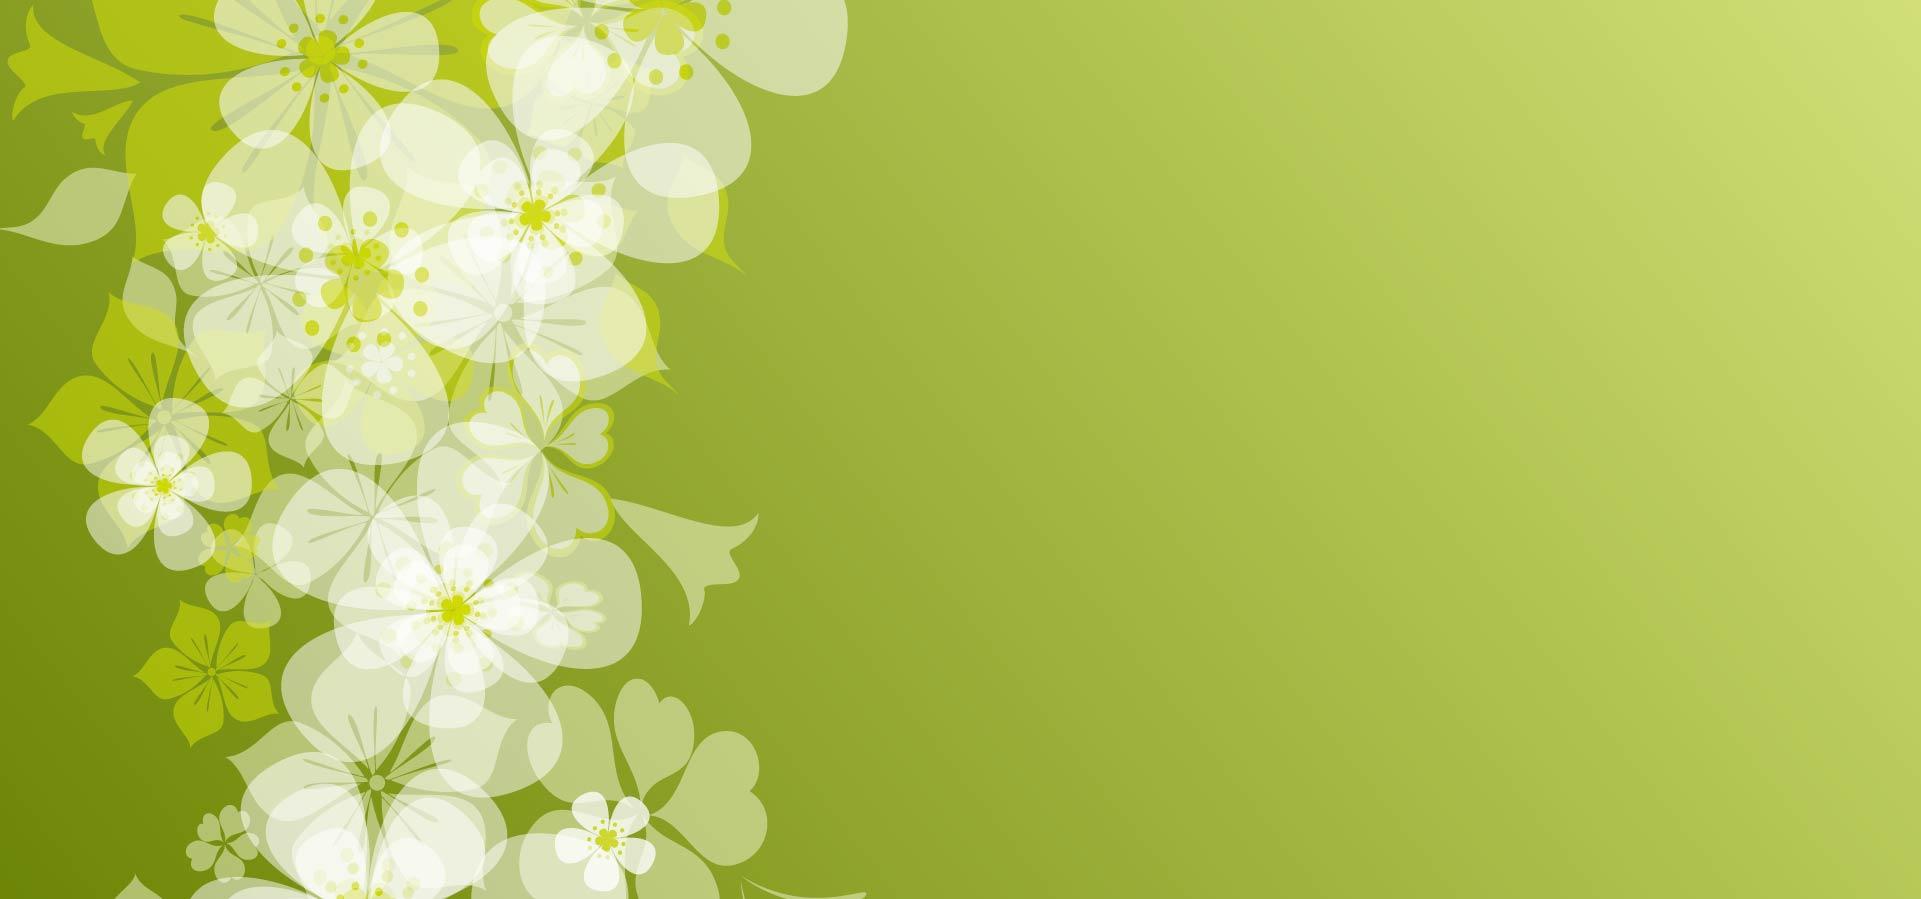 floral section conception fleur contexte sch u00e9ma d u00e9coration